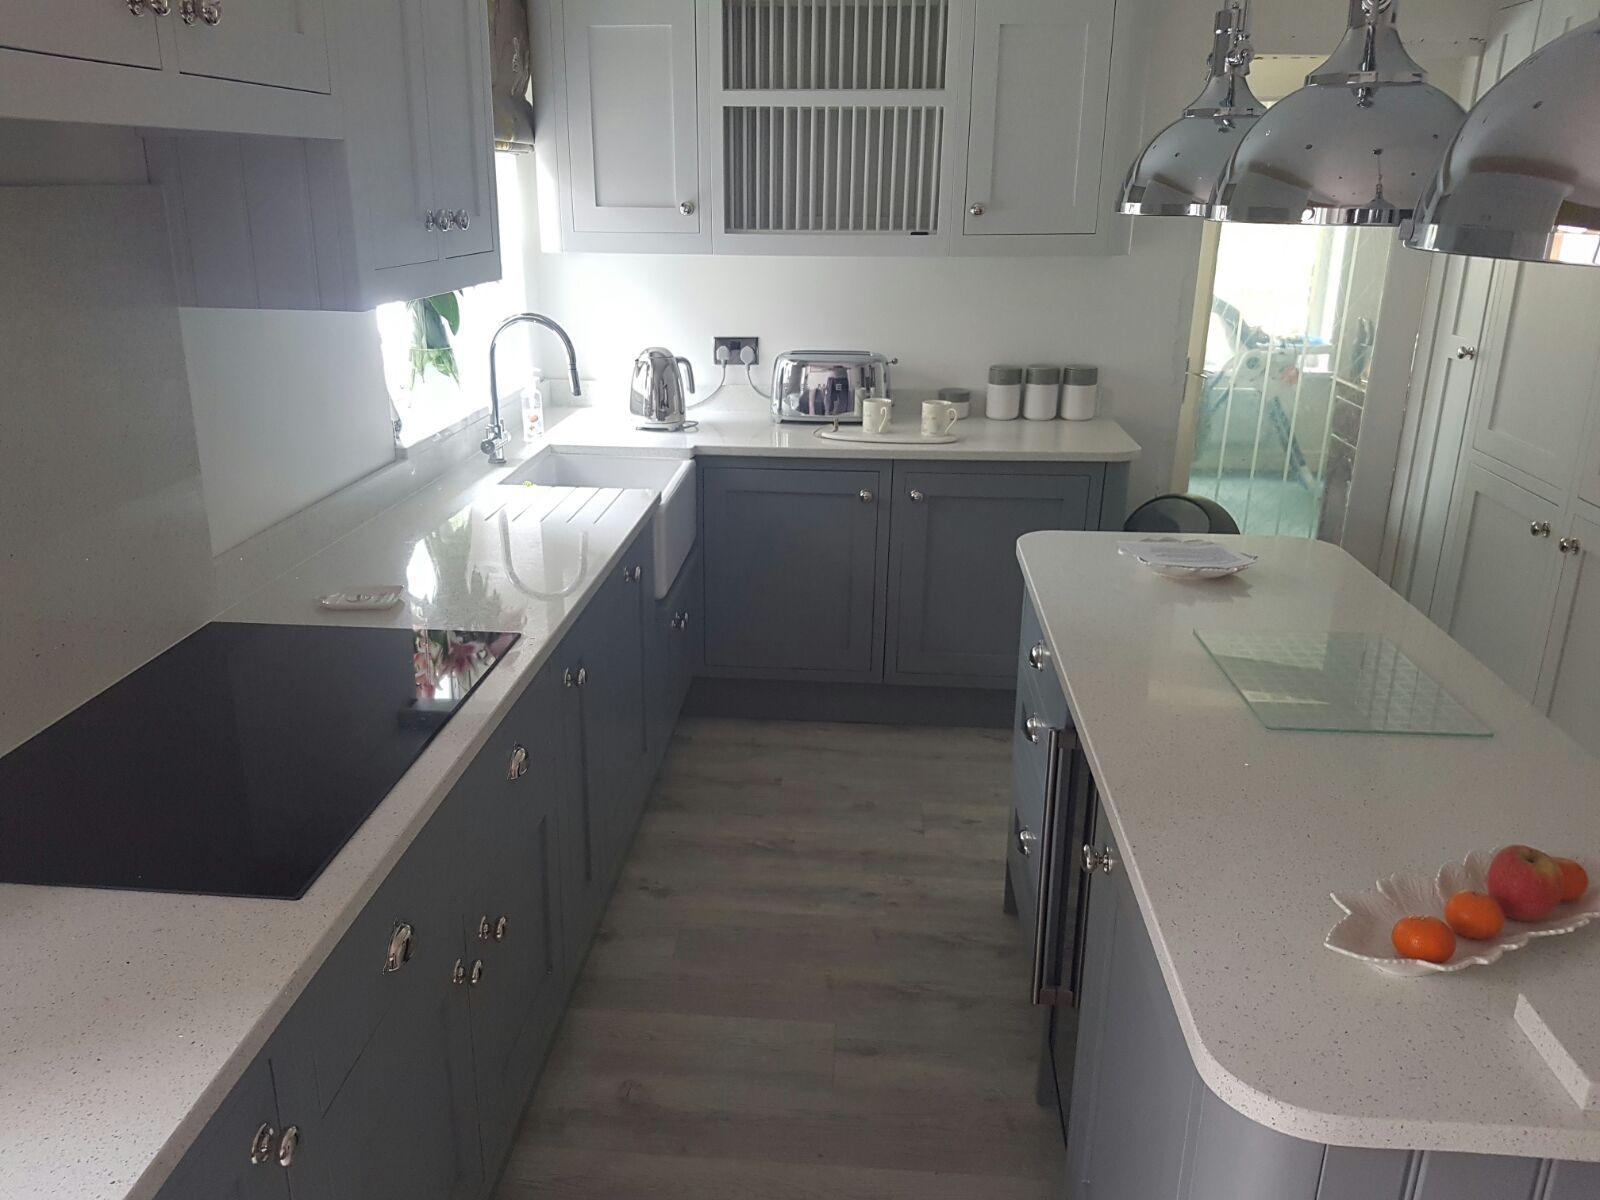 White Sparkle Quartz Worktops Upstands Kitchen